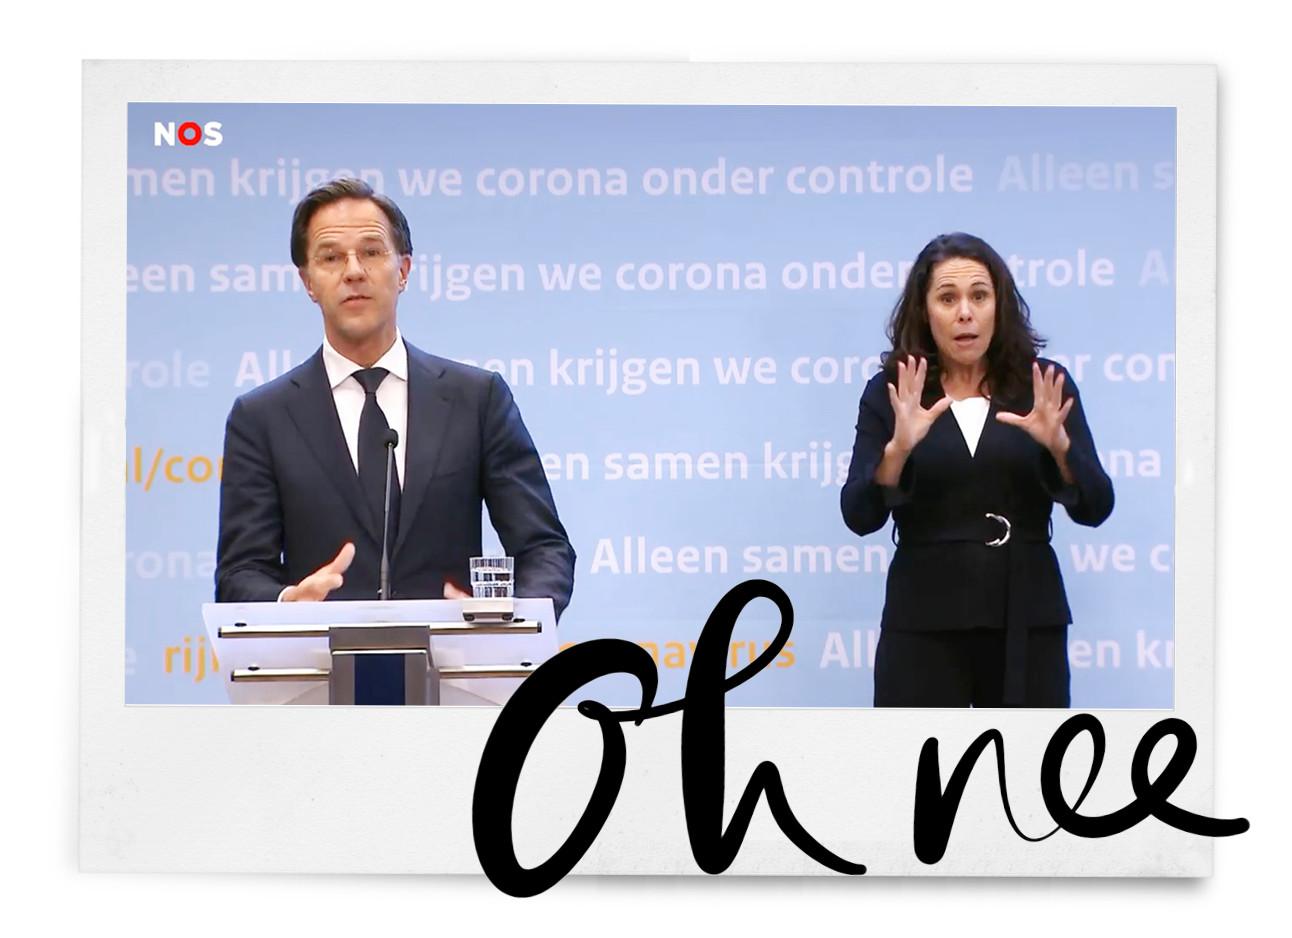 persconferentie Rutte en Irma kijkend naar camera geschokken